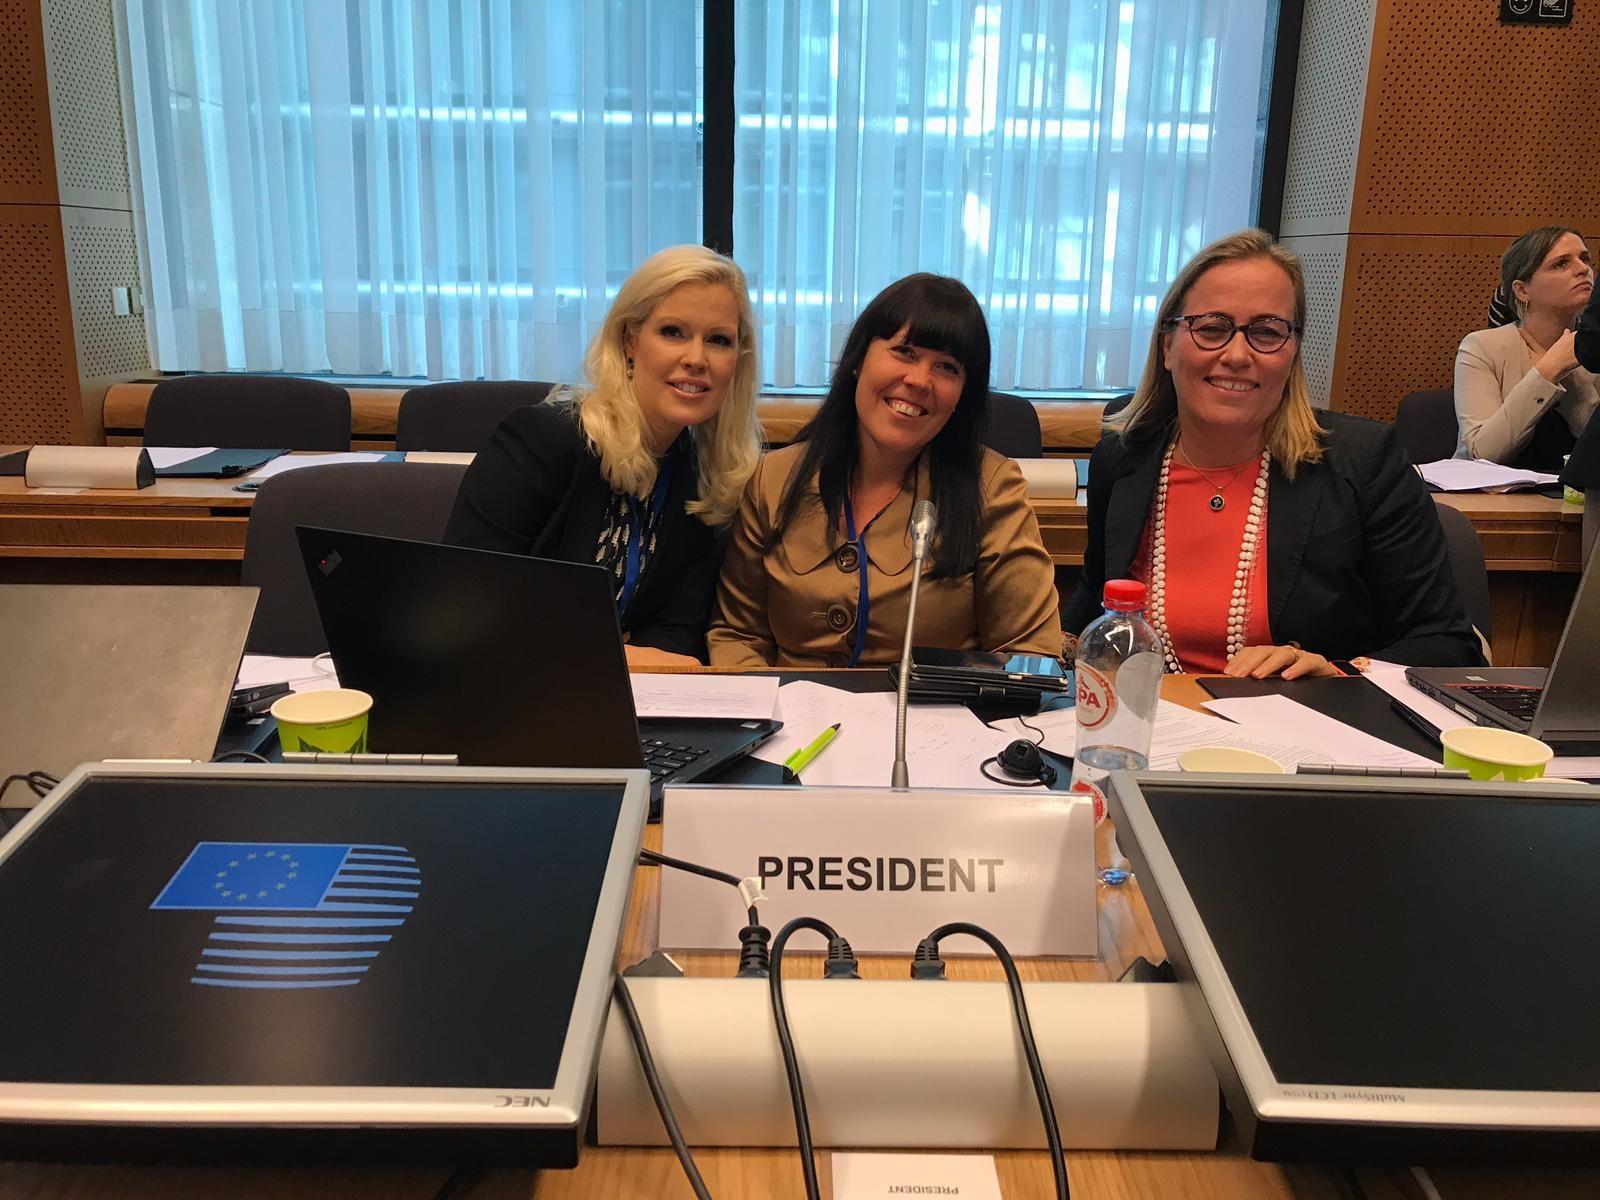 Maria Guseff (keskellä)on toiminut perusoikeuksien, kansalaisoikeuksien ja henkilöiden vapaan liikkuvuuden FREMP-työryhmän puheenjohtajana Suomen puheenjohtajakaudella. Kuvassa myös varapuheenjohtaja Sonya Walkila (vas.) ja Magdalena Marinez-Almeida (oik.) neuvoston sihteeristöstä.